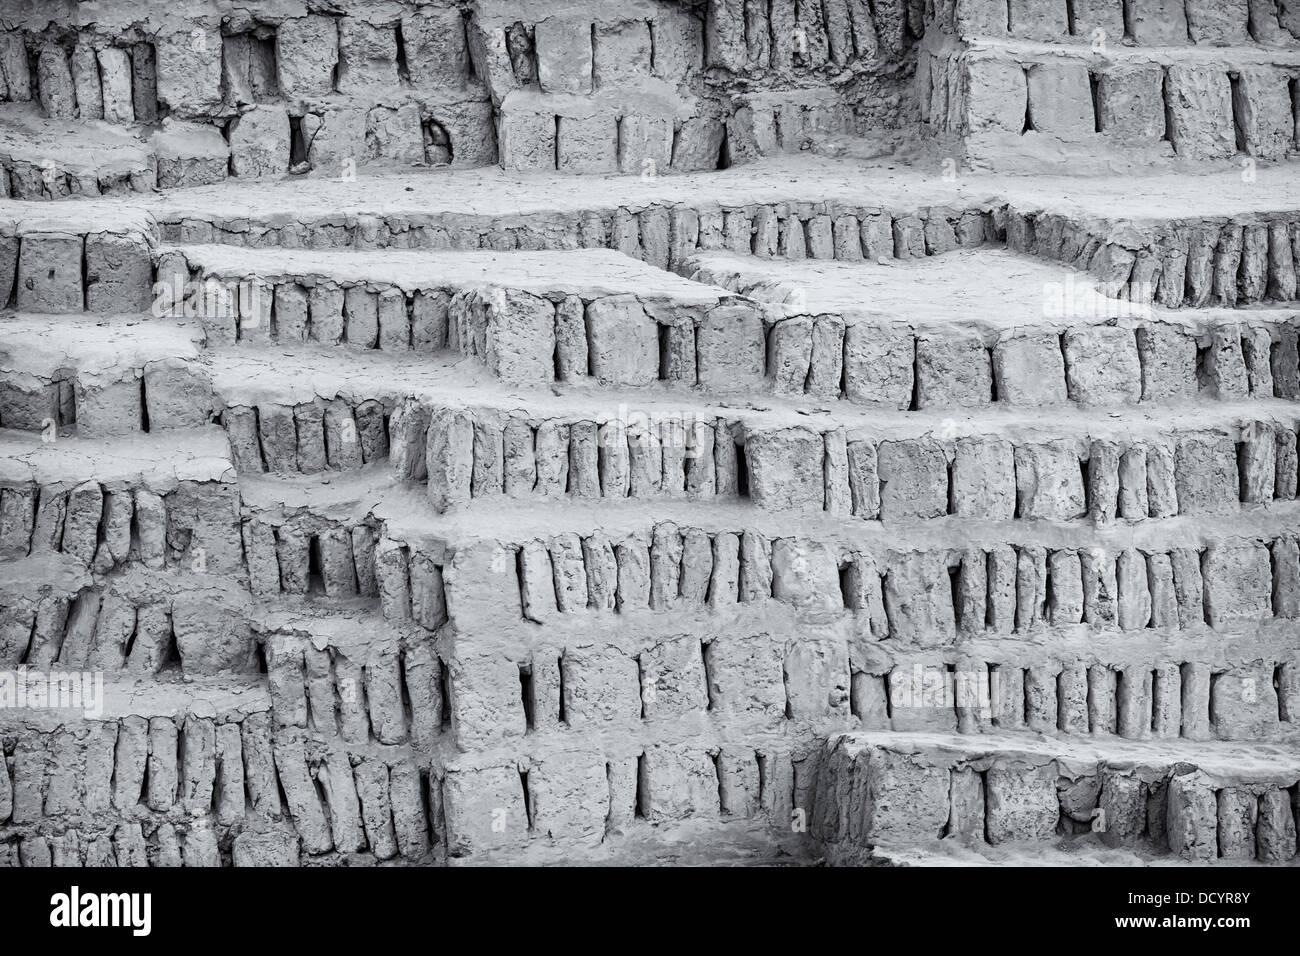 hvordan bruger forskere radioaktive dating til at bestemme fossilernes alder